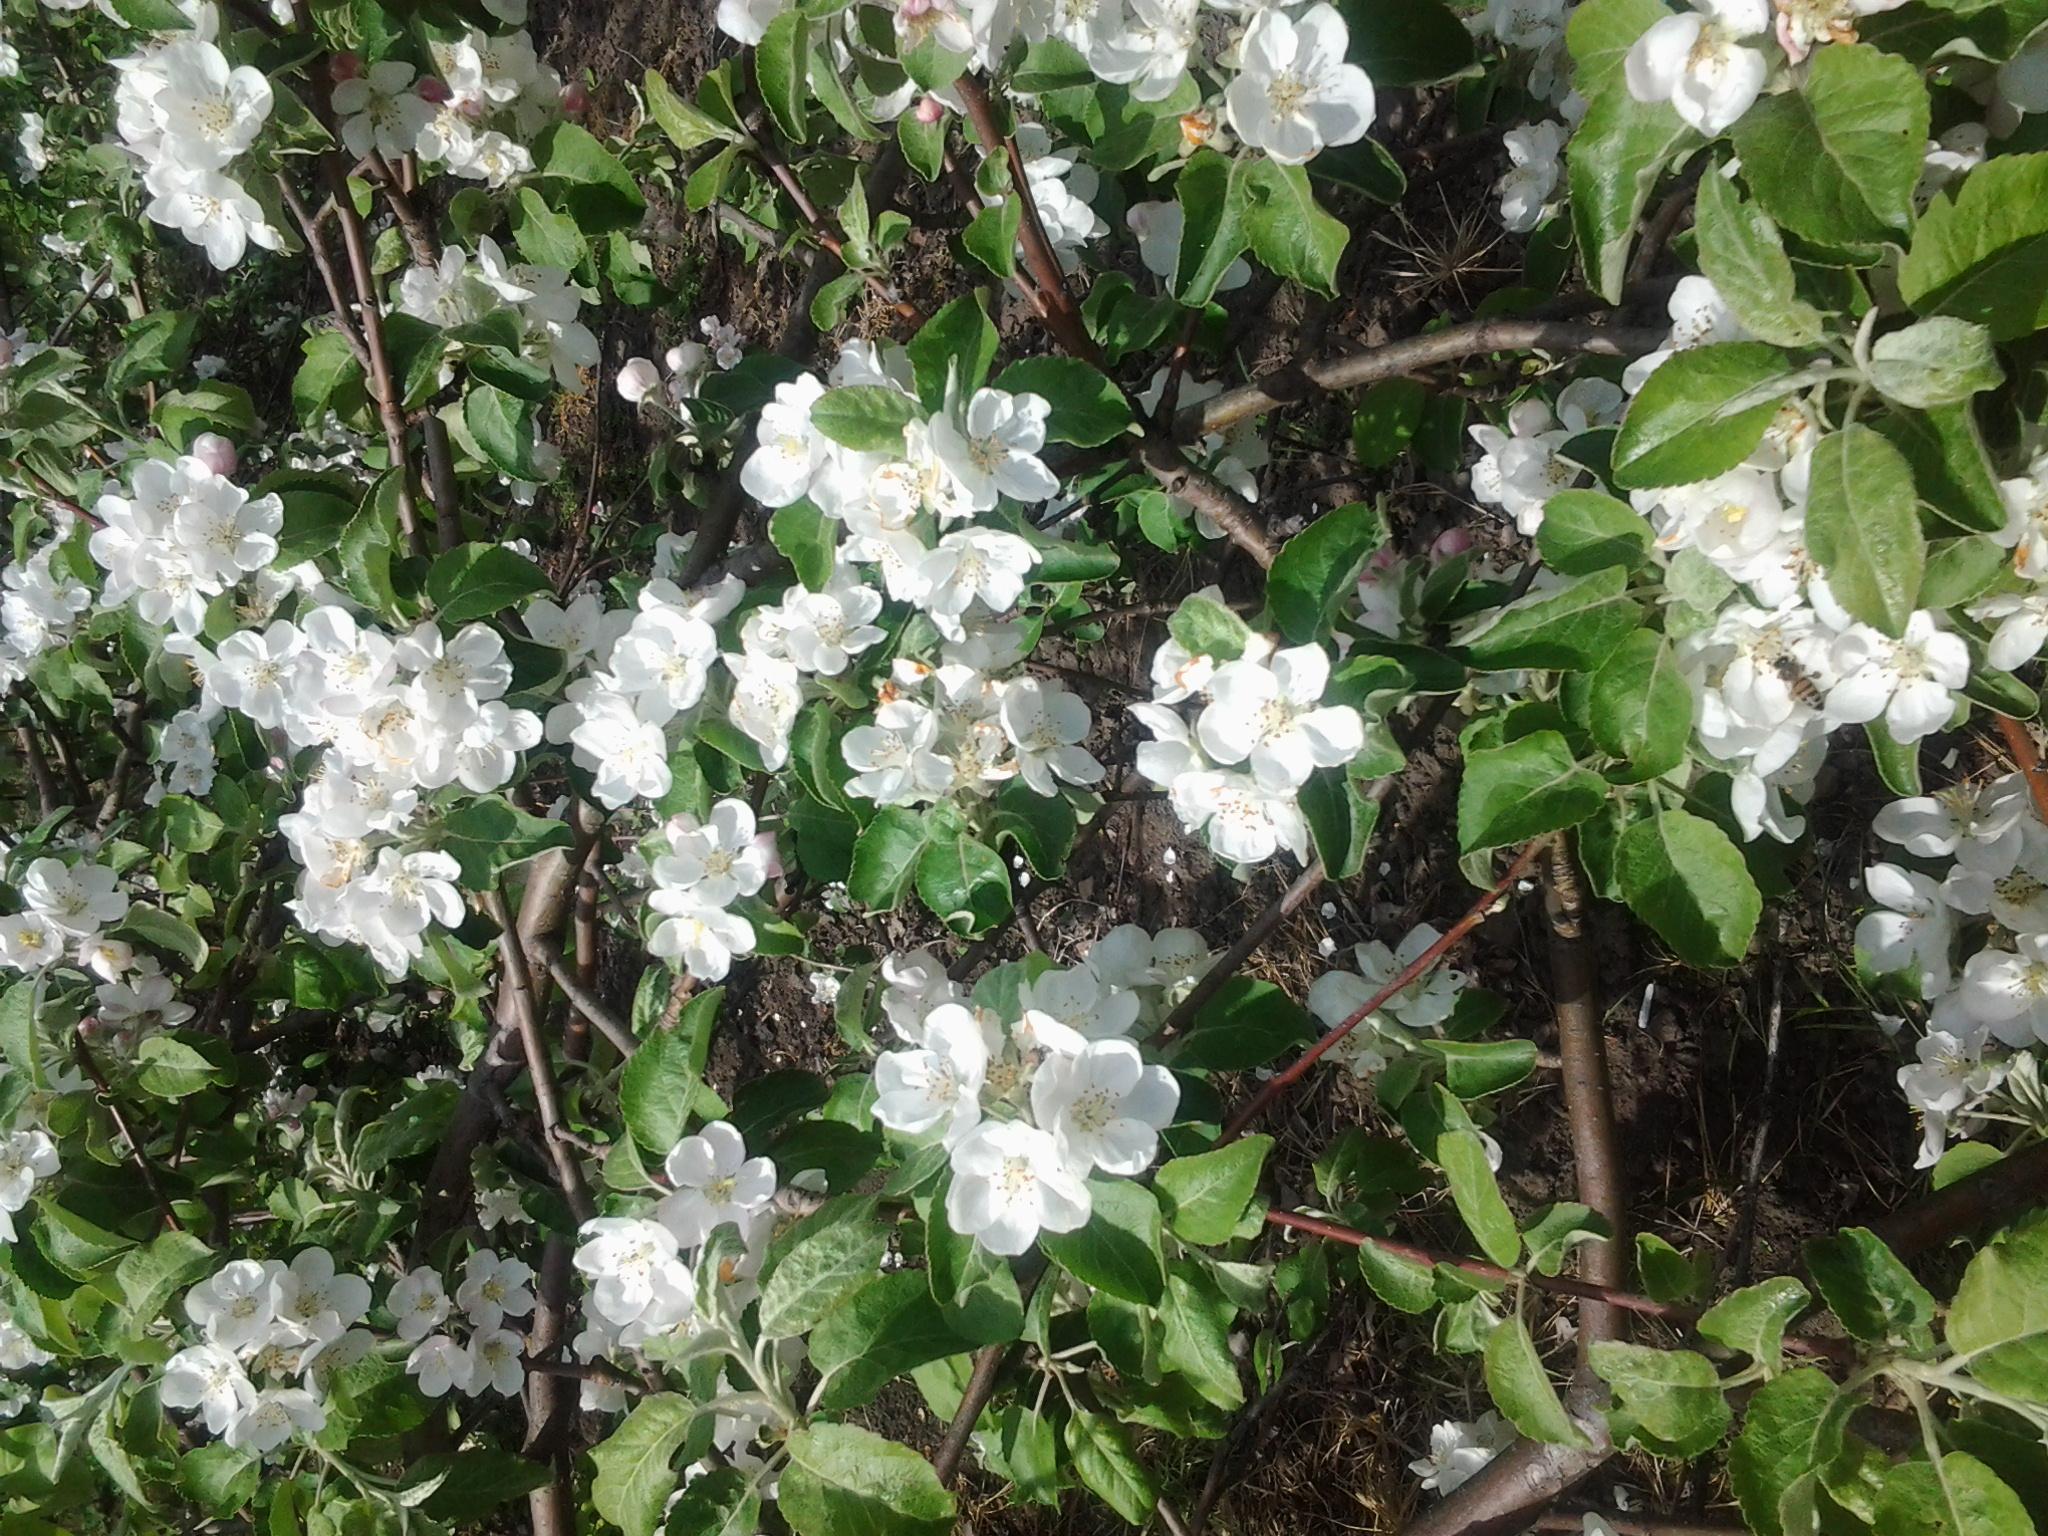 яблоня цветет. Блиц: белые цветы